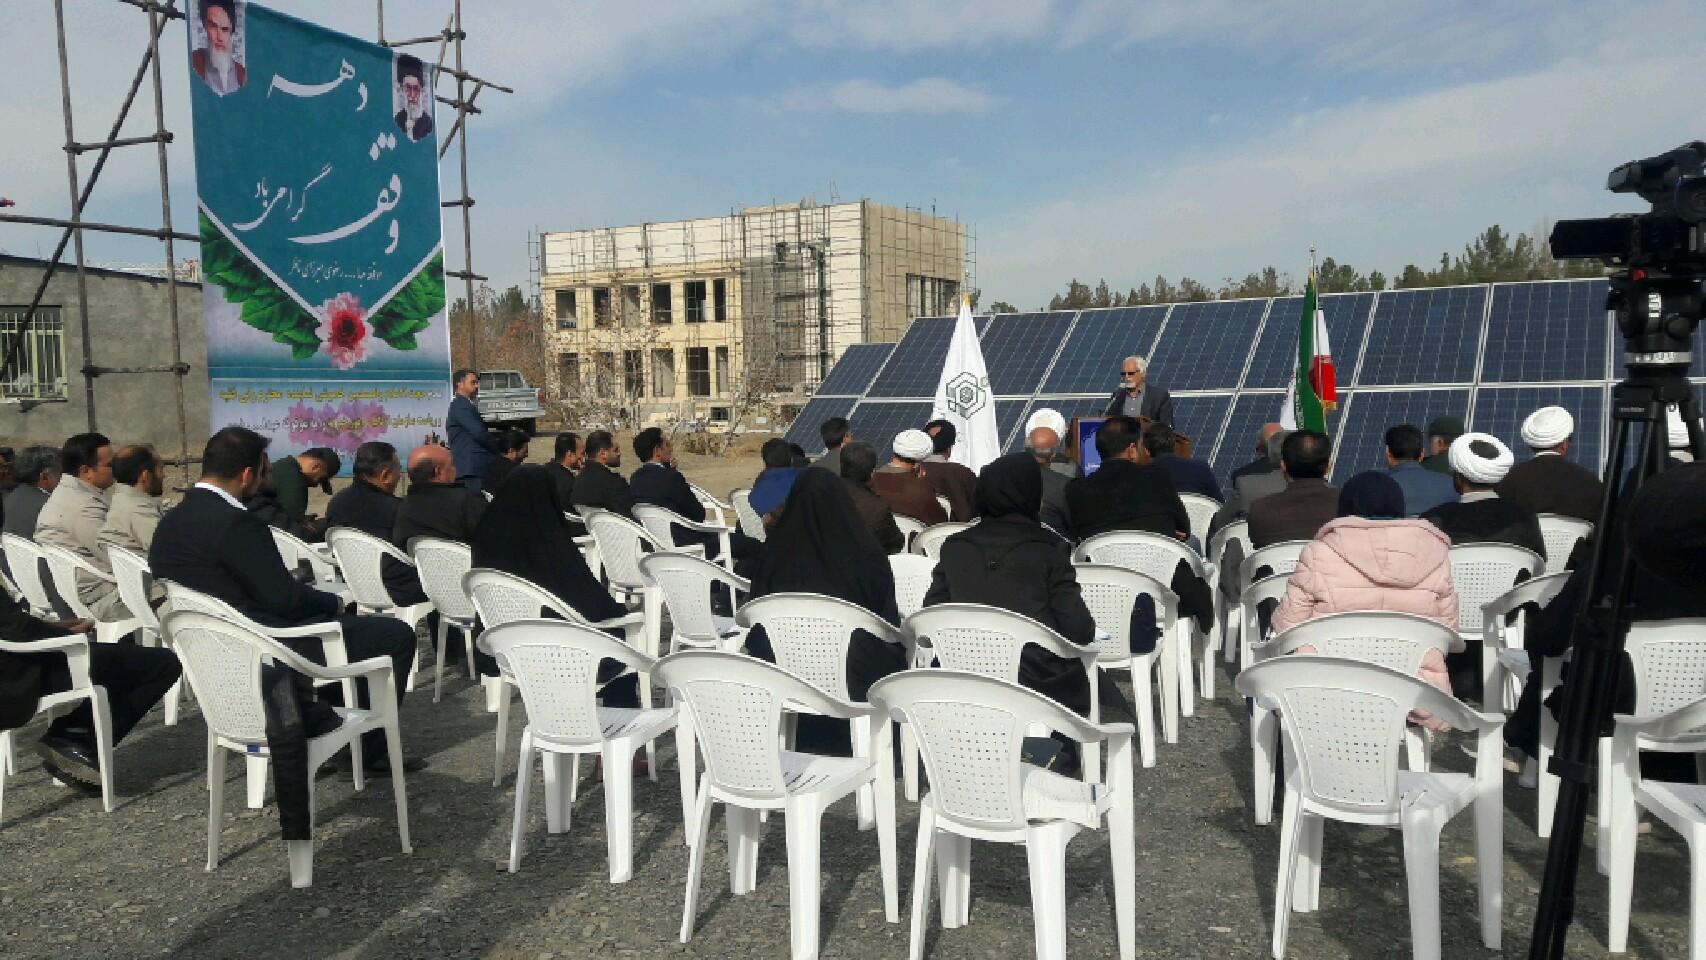 رونمایی از نیروگاه خورشیدی در مجموعه موقوفه عبدالله رضوی